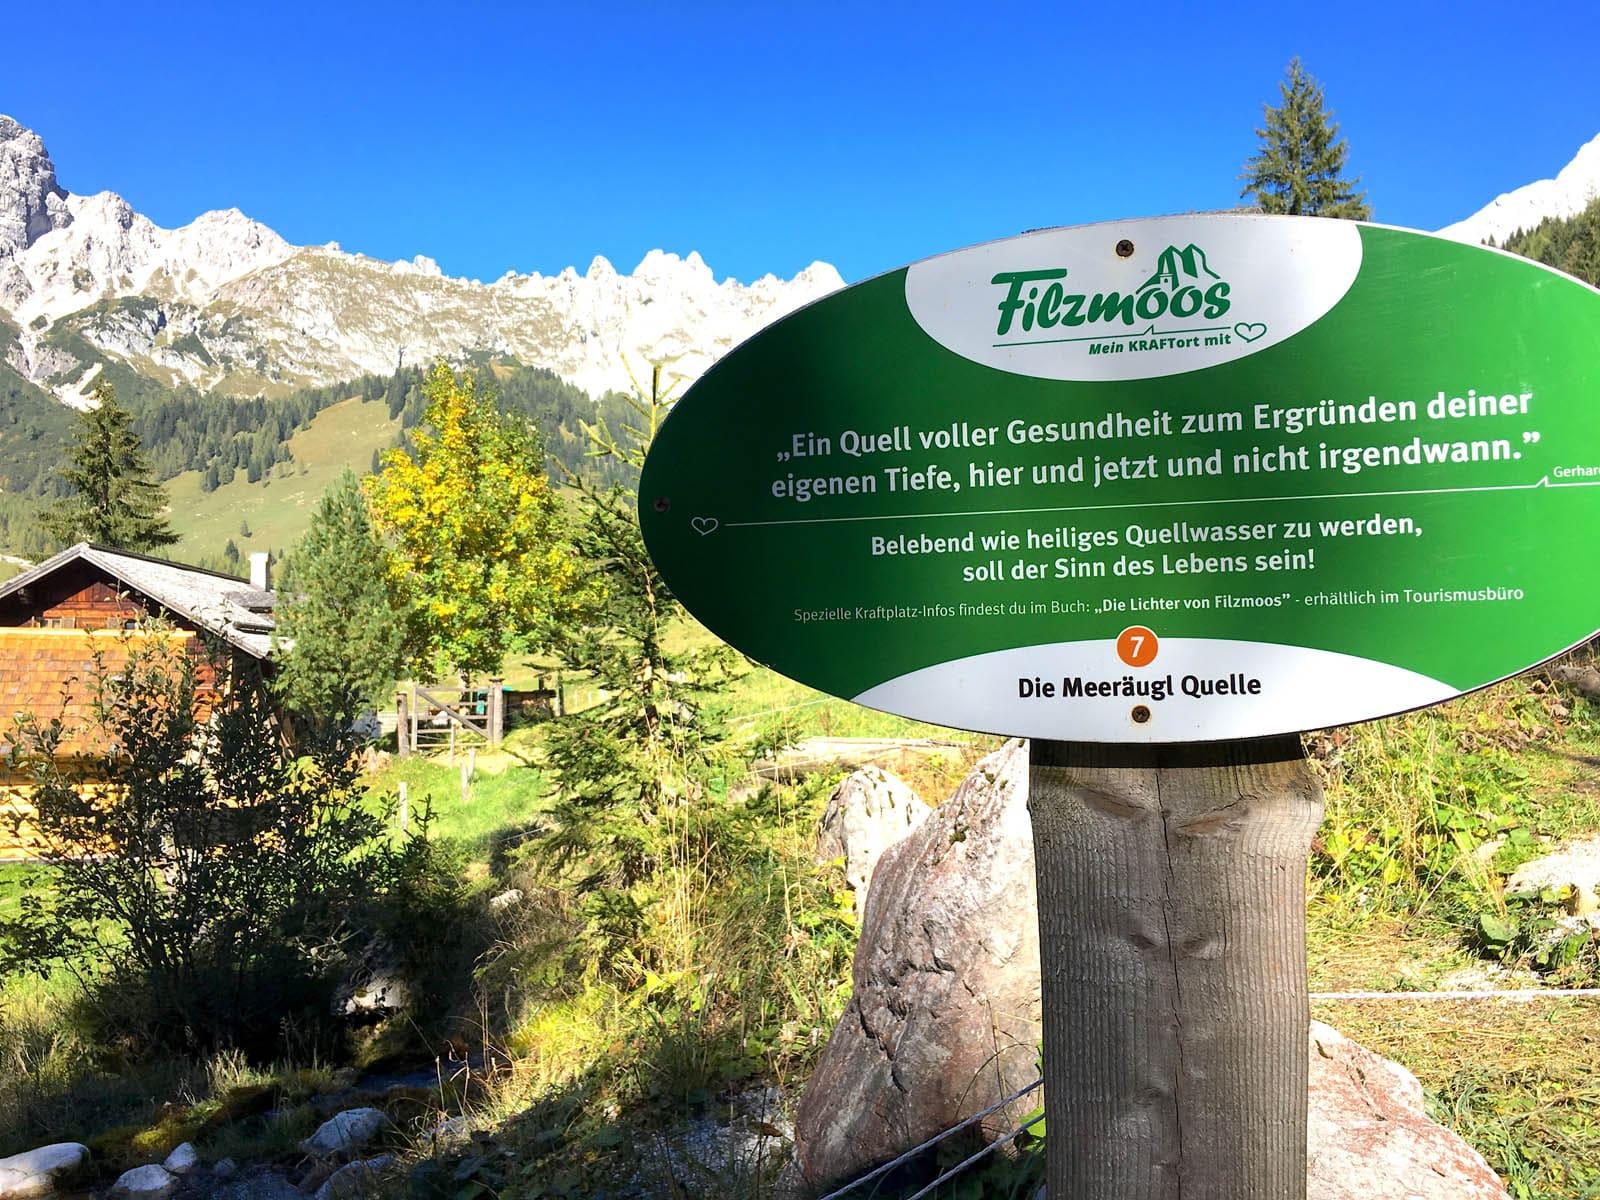 Die Kraft der Meeräuglquelle - Wanderung zum Kraftplatz über Filzmoos blogHuette.at image 11